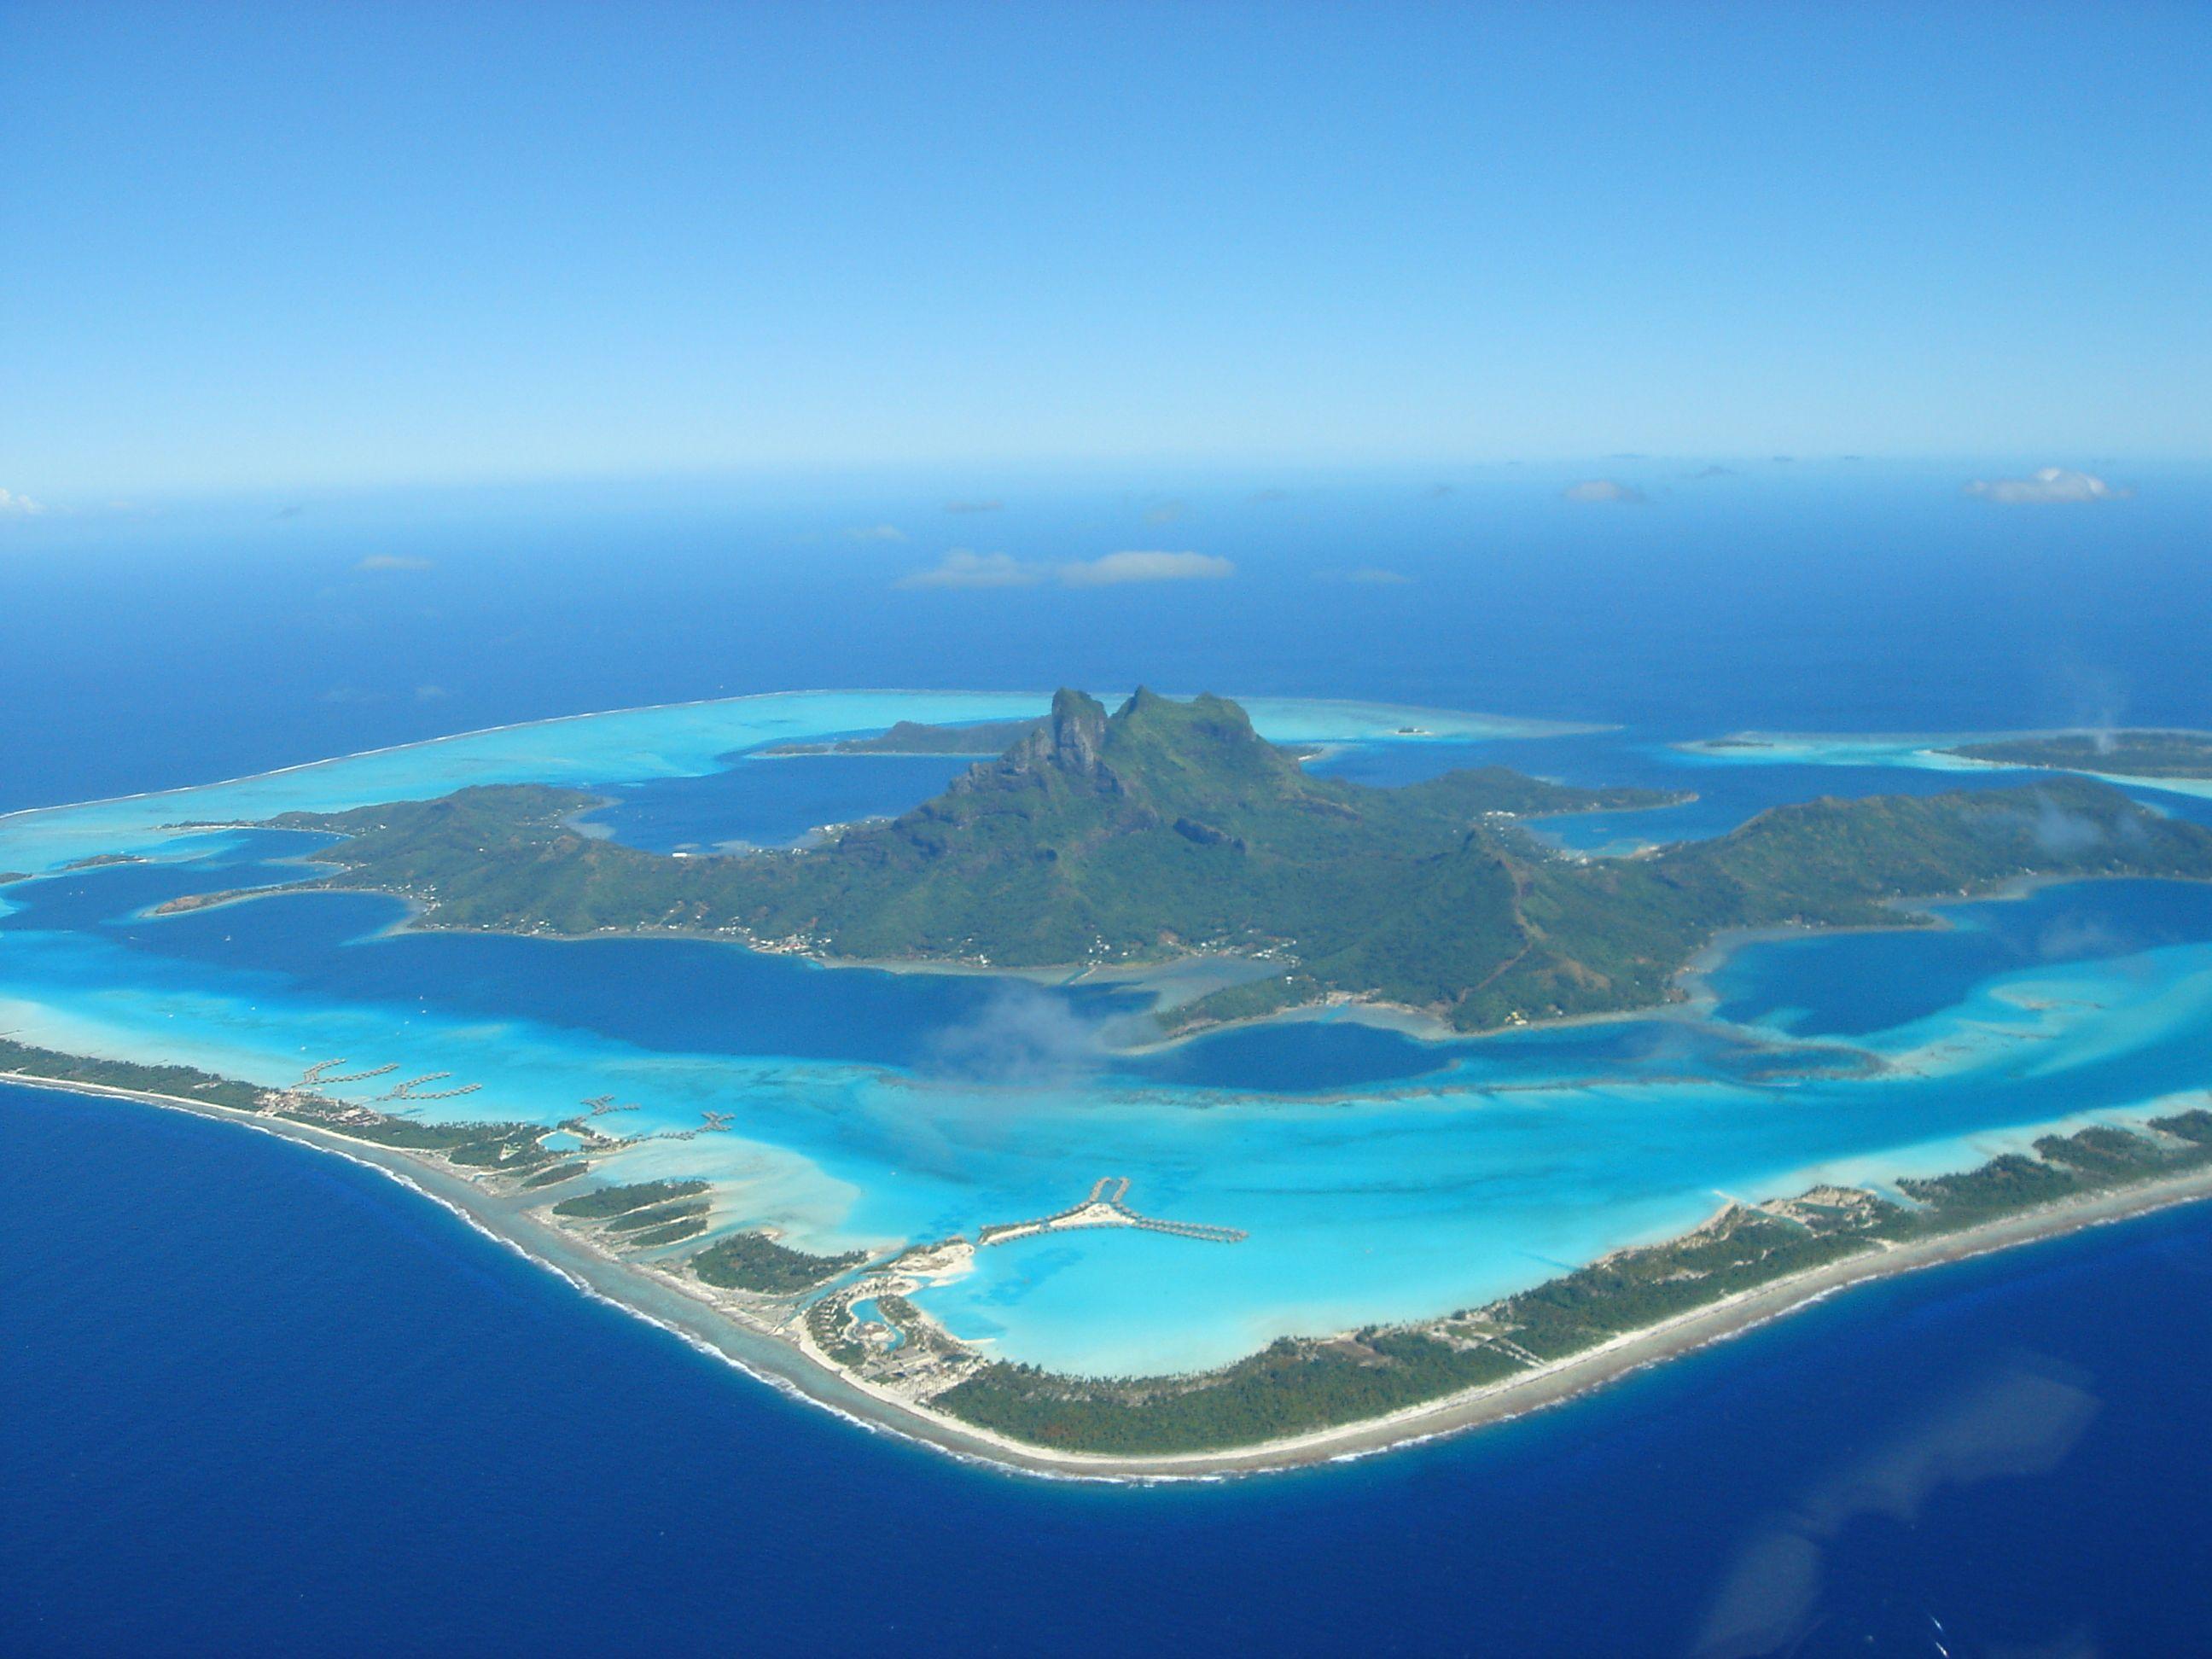 Bora Bora er en vulkansk øy i Iles Sous le Vent i Fransk Polynesia i det sentrale sydlige Stillehav. Den ligger omtrent 265 km nordvest for Tahiti.